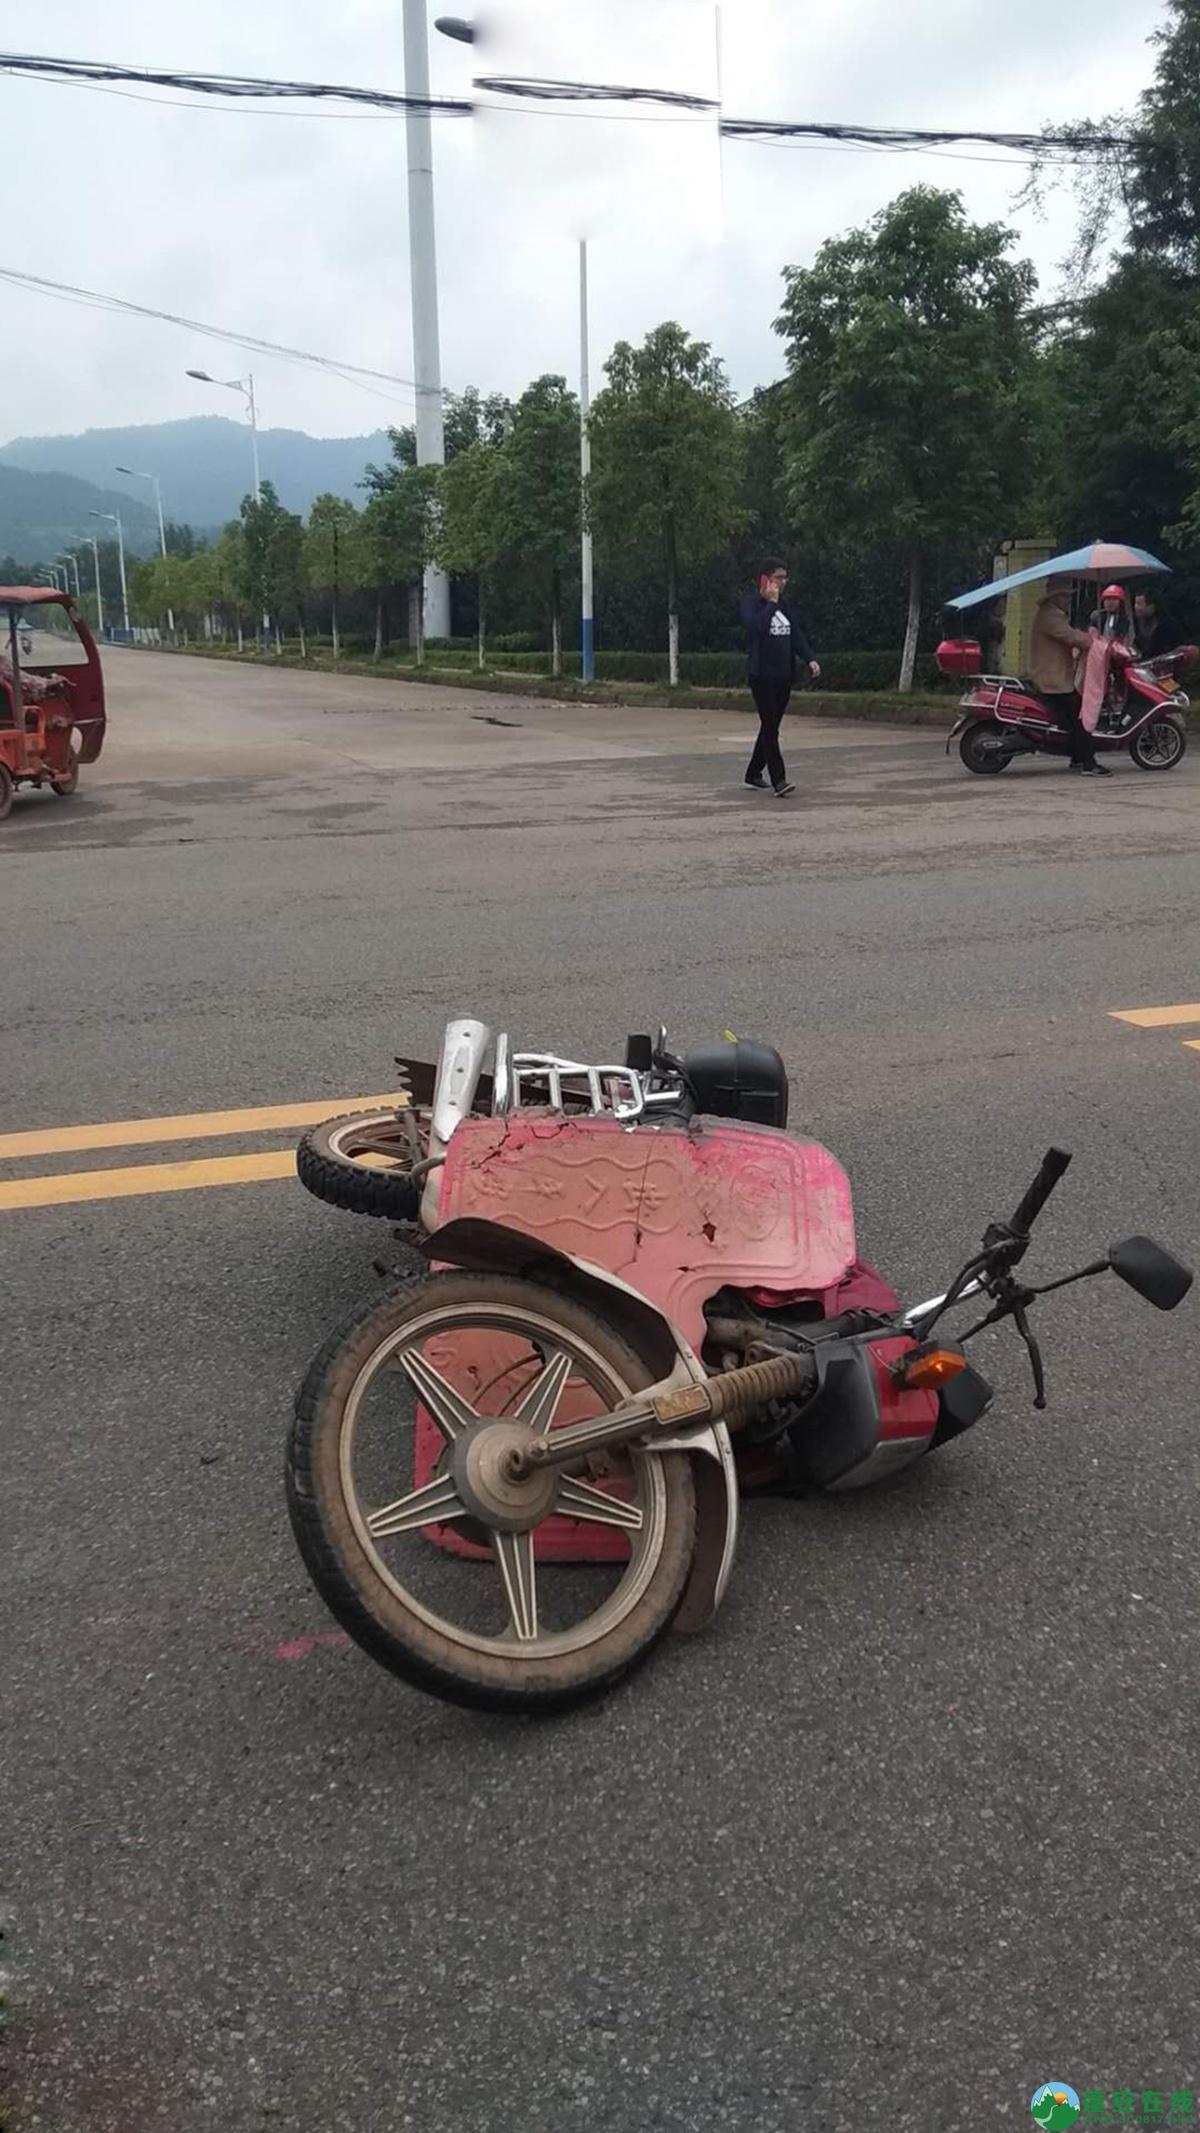 蓬安县河舒工业园区桂花路发生两摩托车相撞 - 第12张  | 蓬安在线